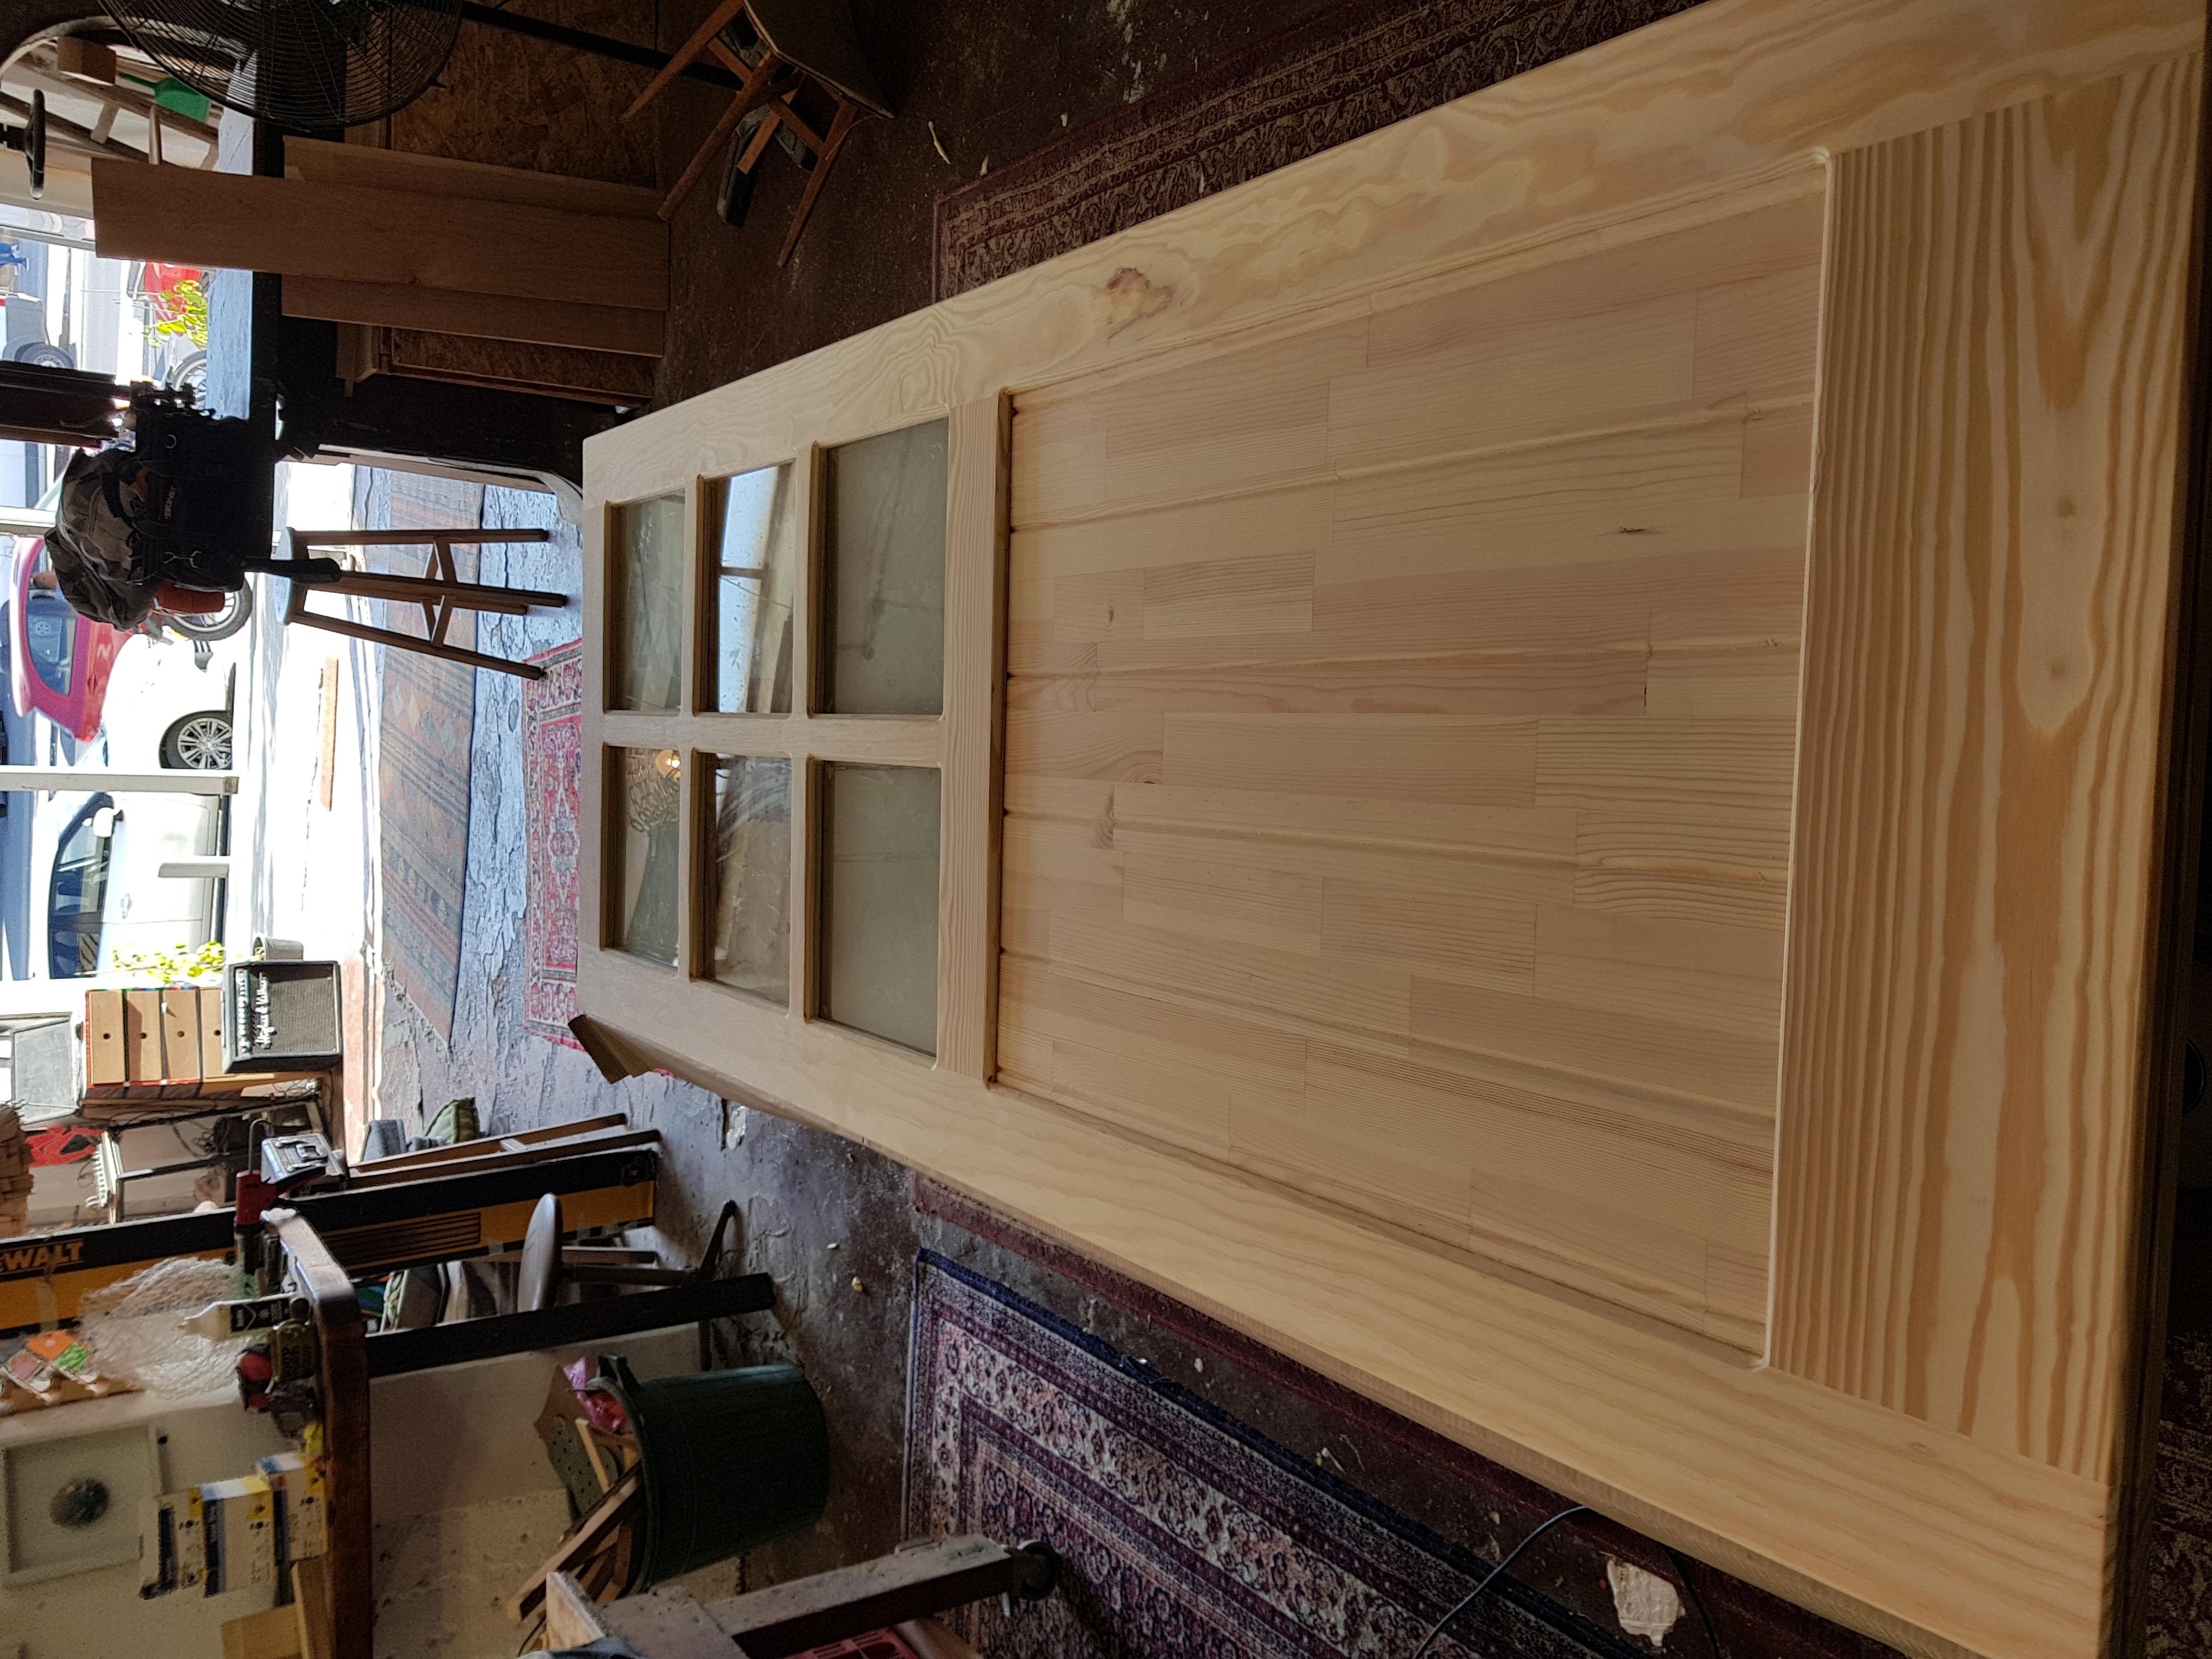 דלתות אסם מעץ מלא וגושני